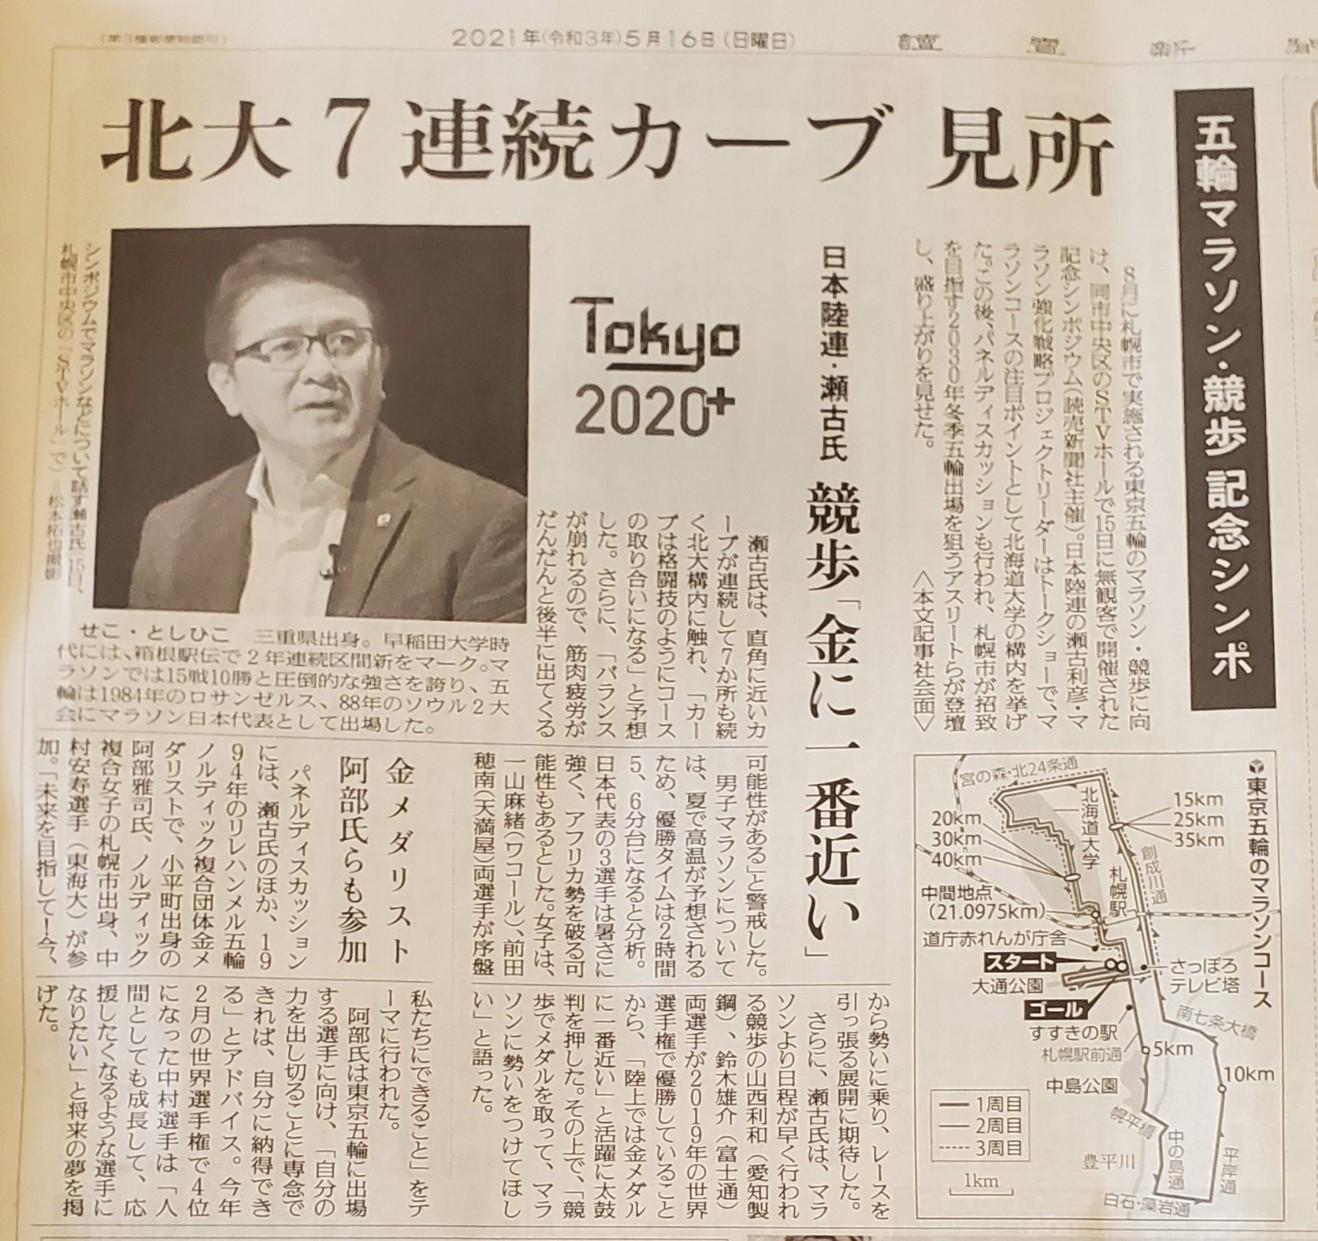 2021.5.16読売シンポジウム